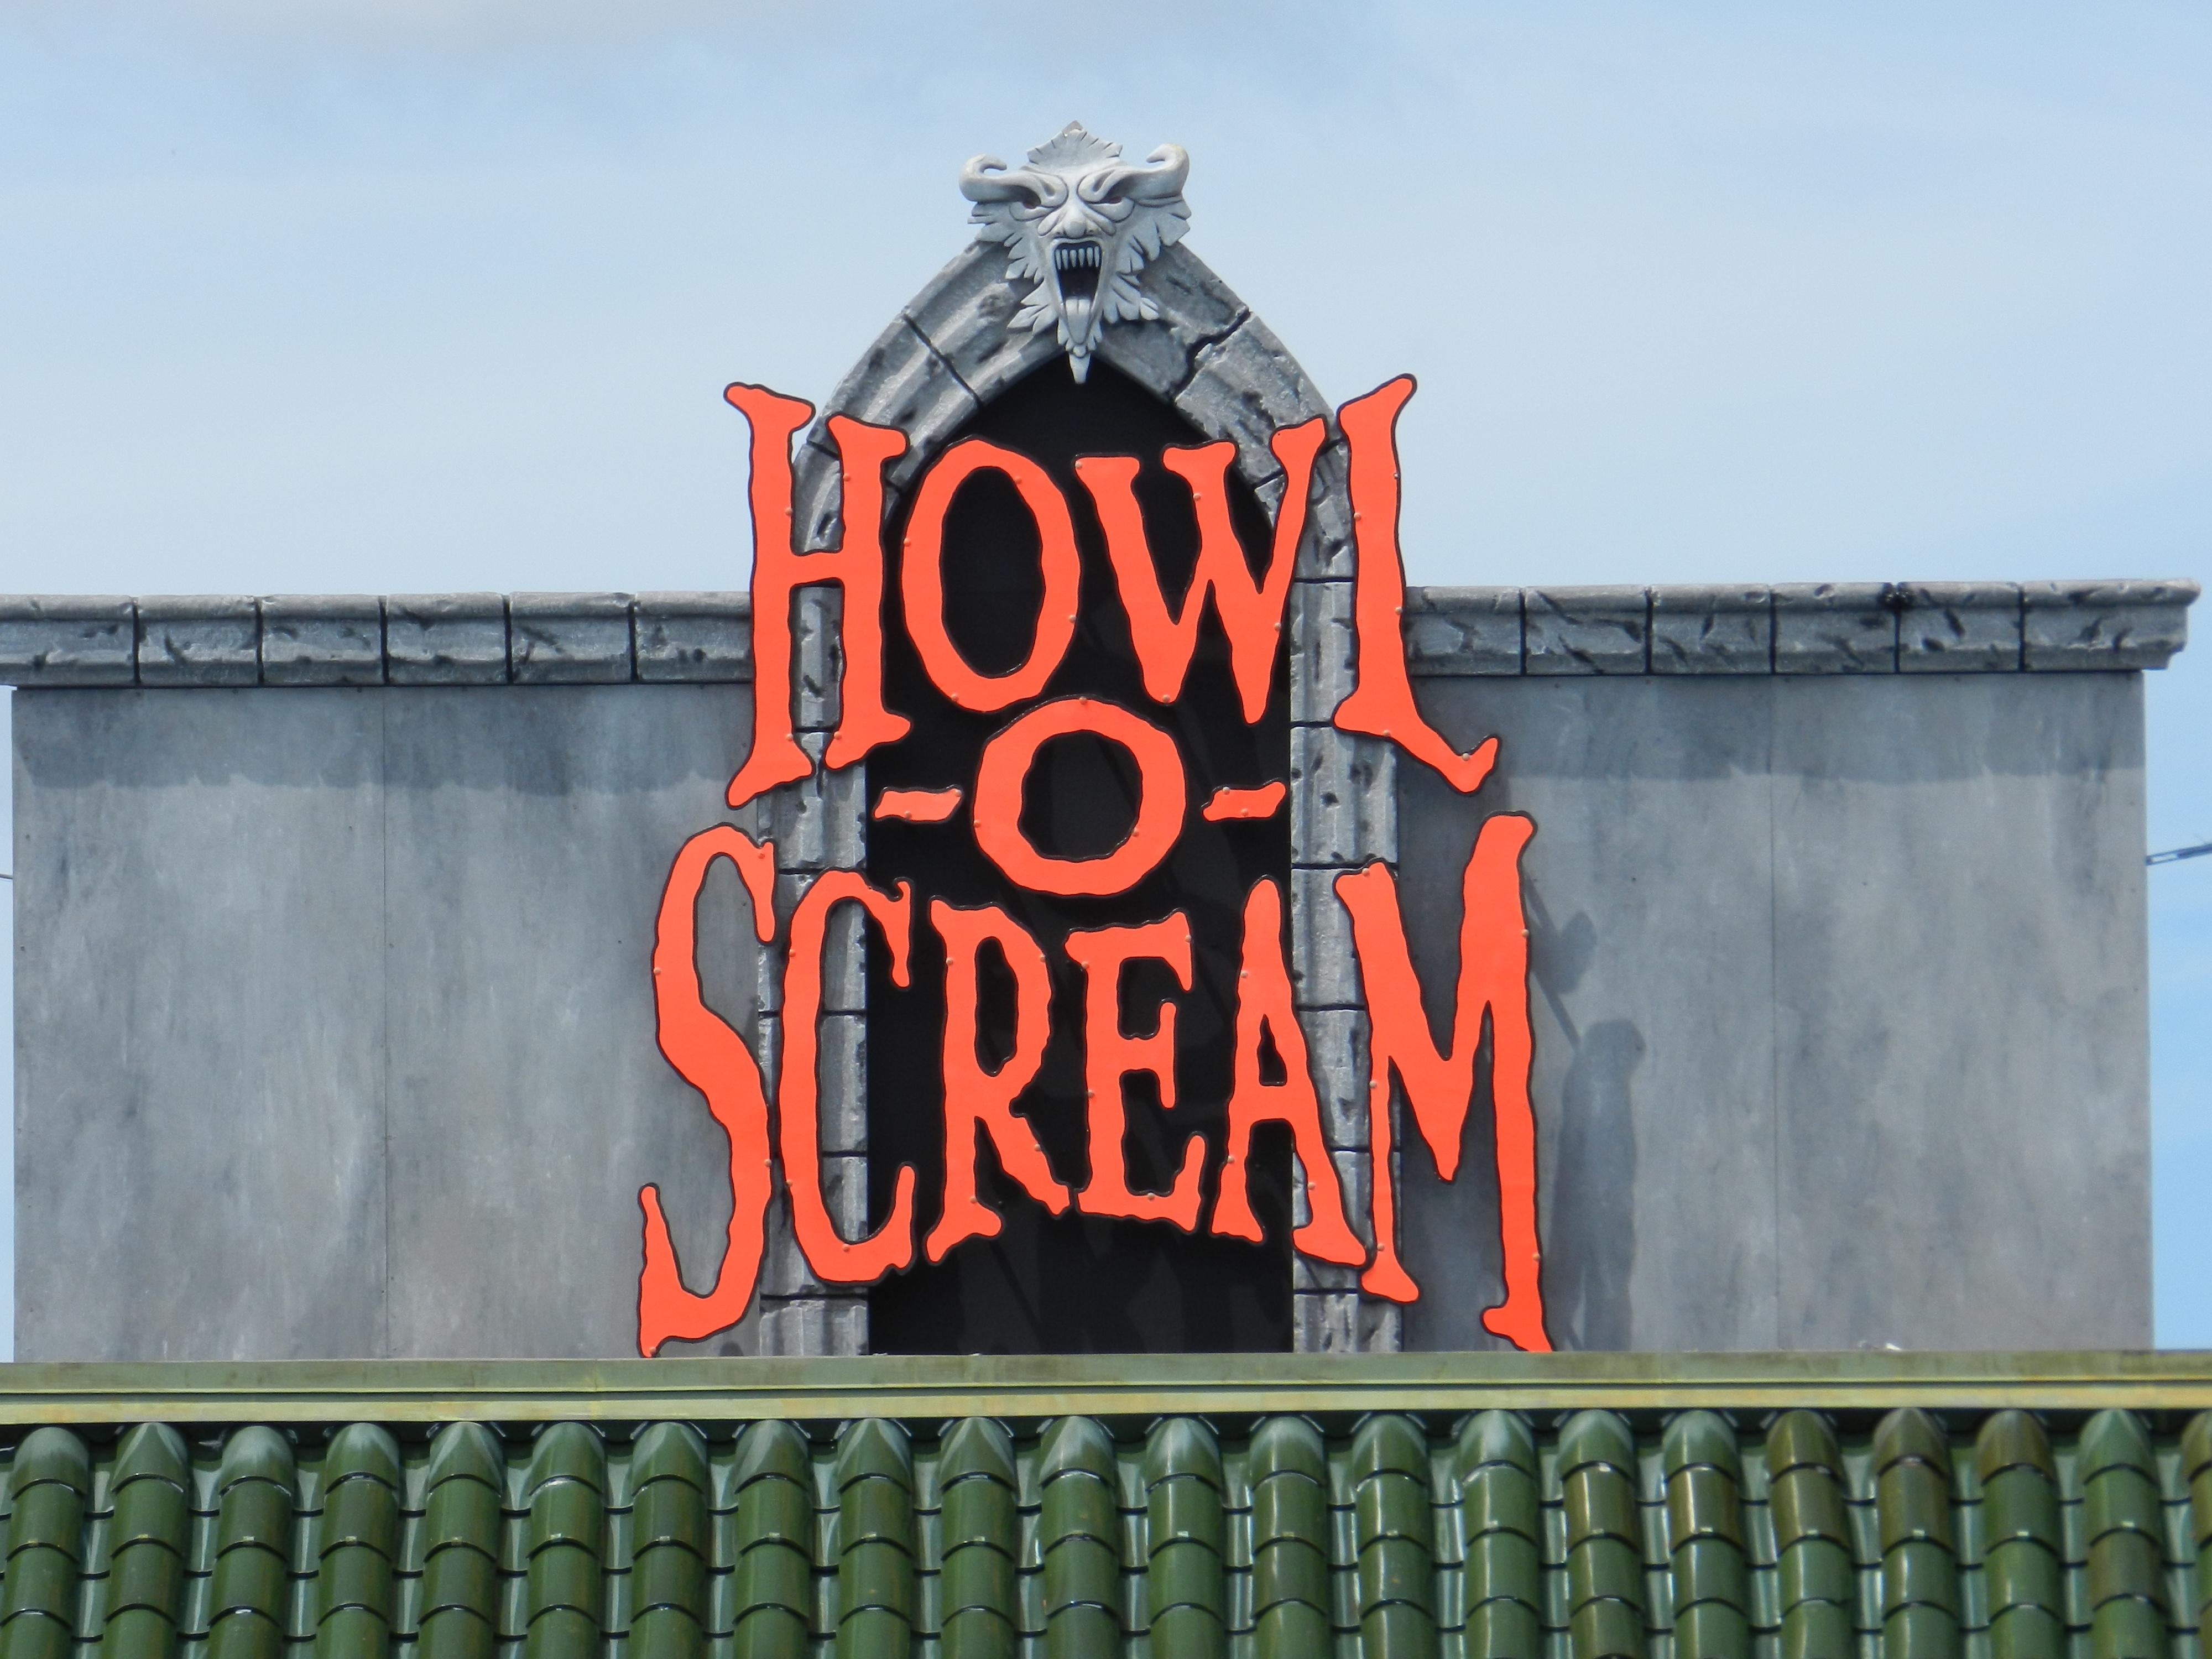 Howl-O-Scream 2012